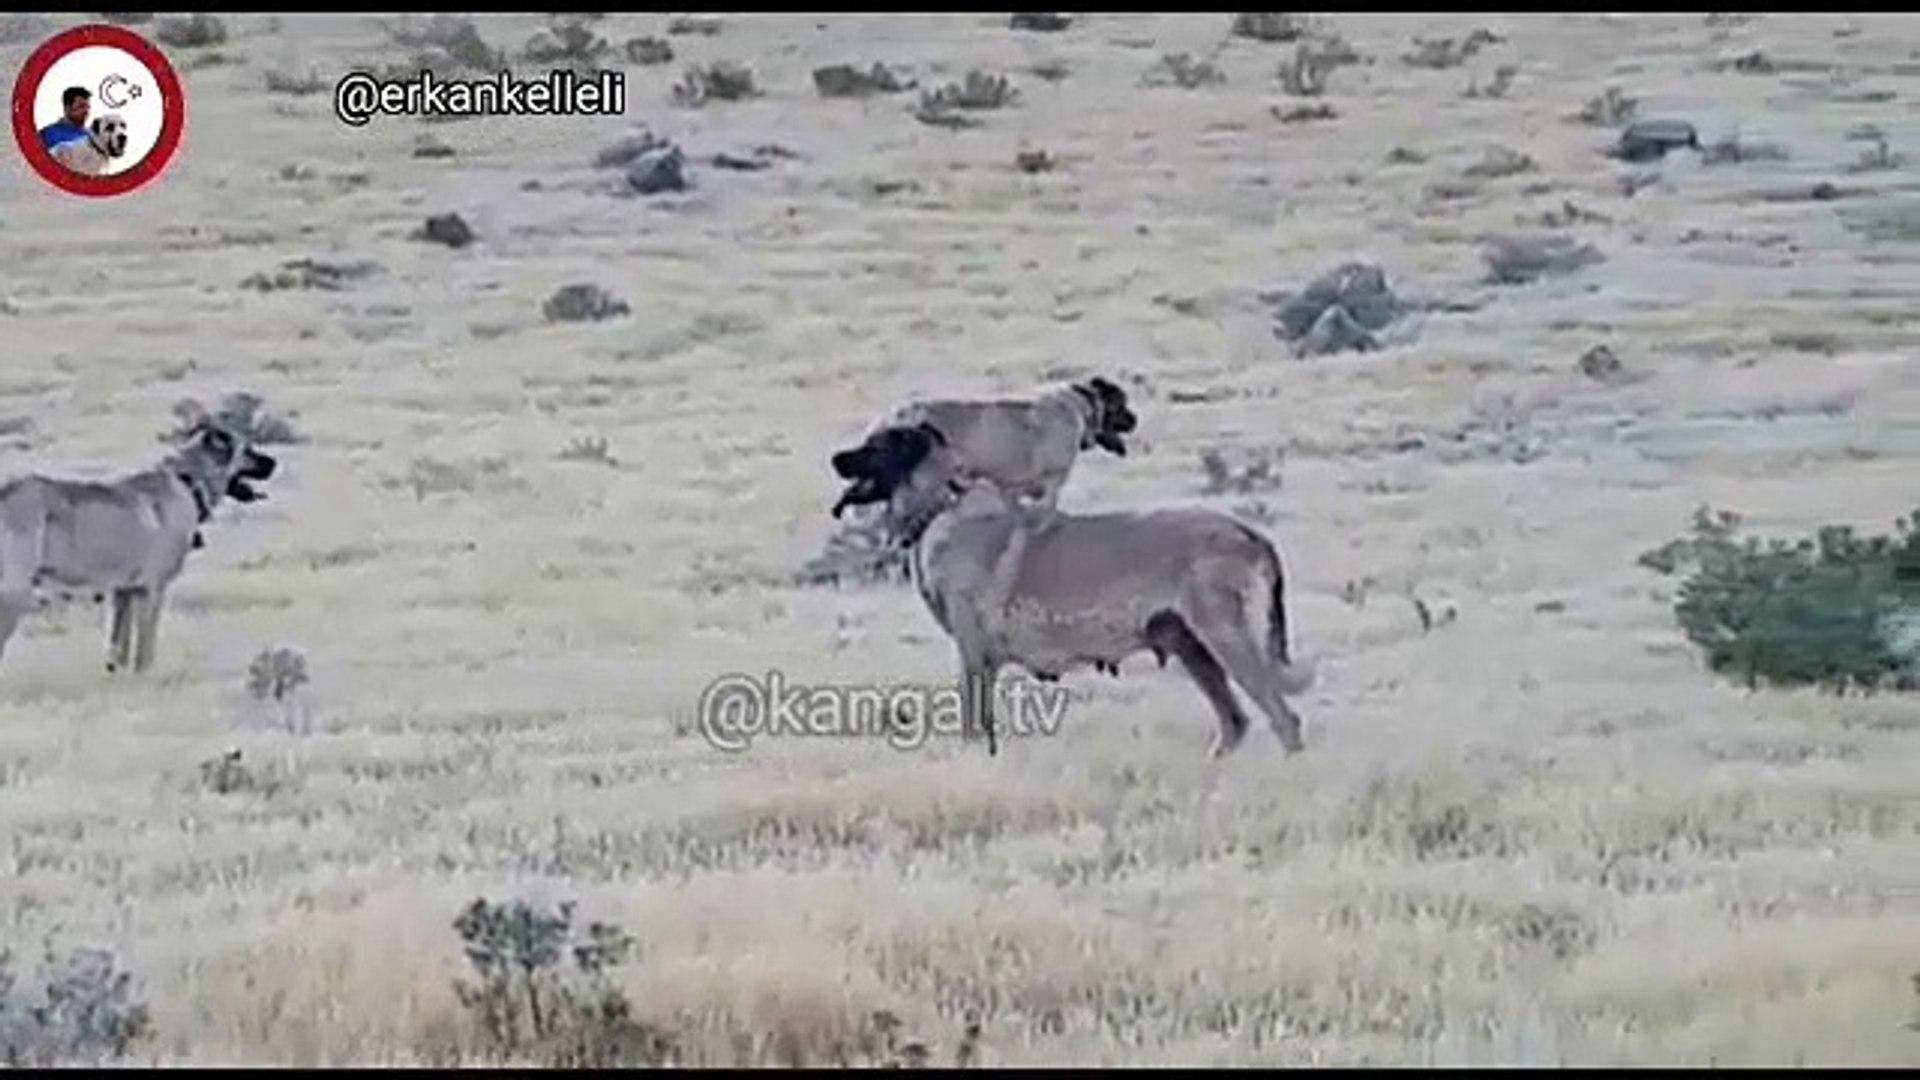 KANGAL KOPEKLERi MERA GOREVi - KANGAL SHEPHERD DOGS